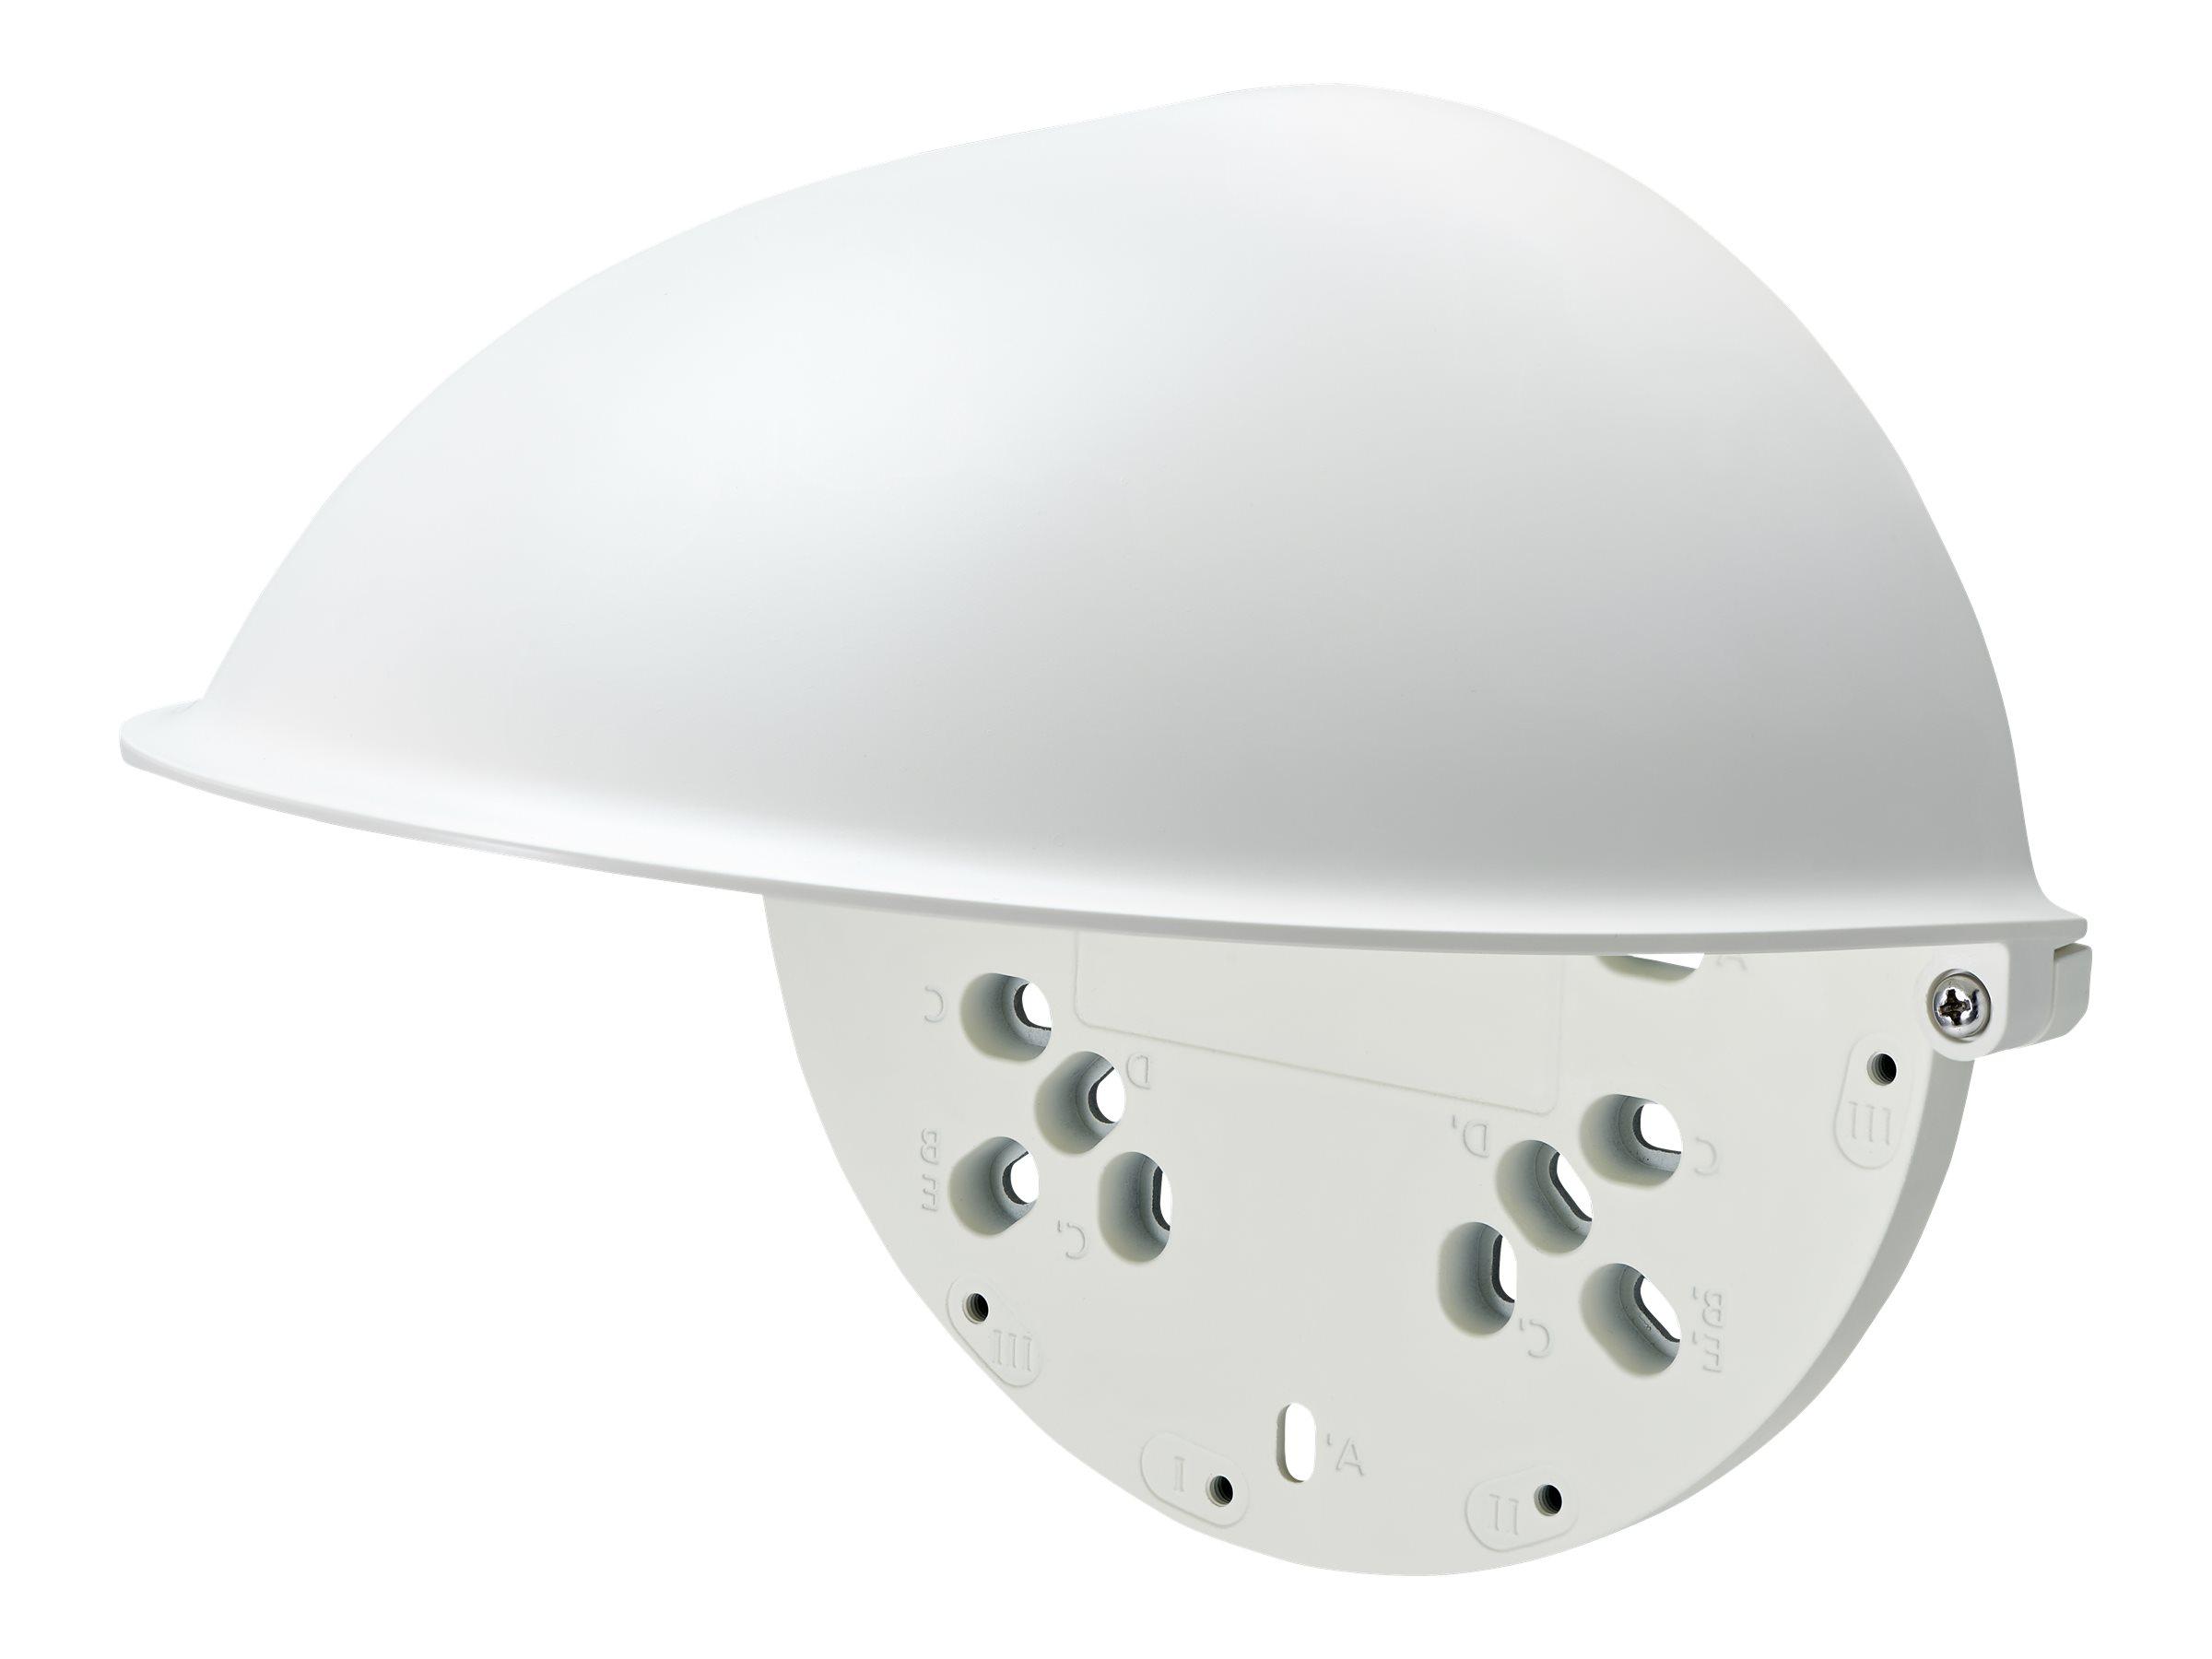 Samsung Wisenet SBV-160WC - Kamera-Wetterschutzabdeckung - Elfenbein - für WiseNet SNV-8081; WiseNet III SNV-5084, 6084, 7084; W